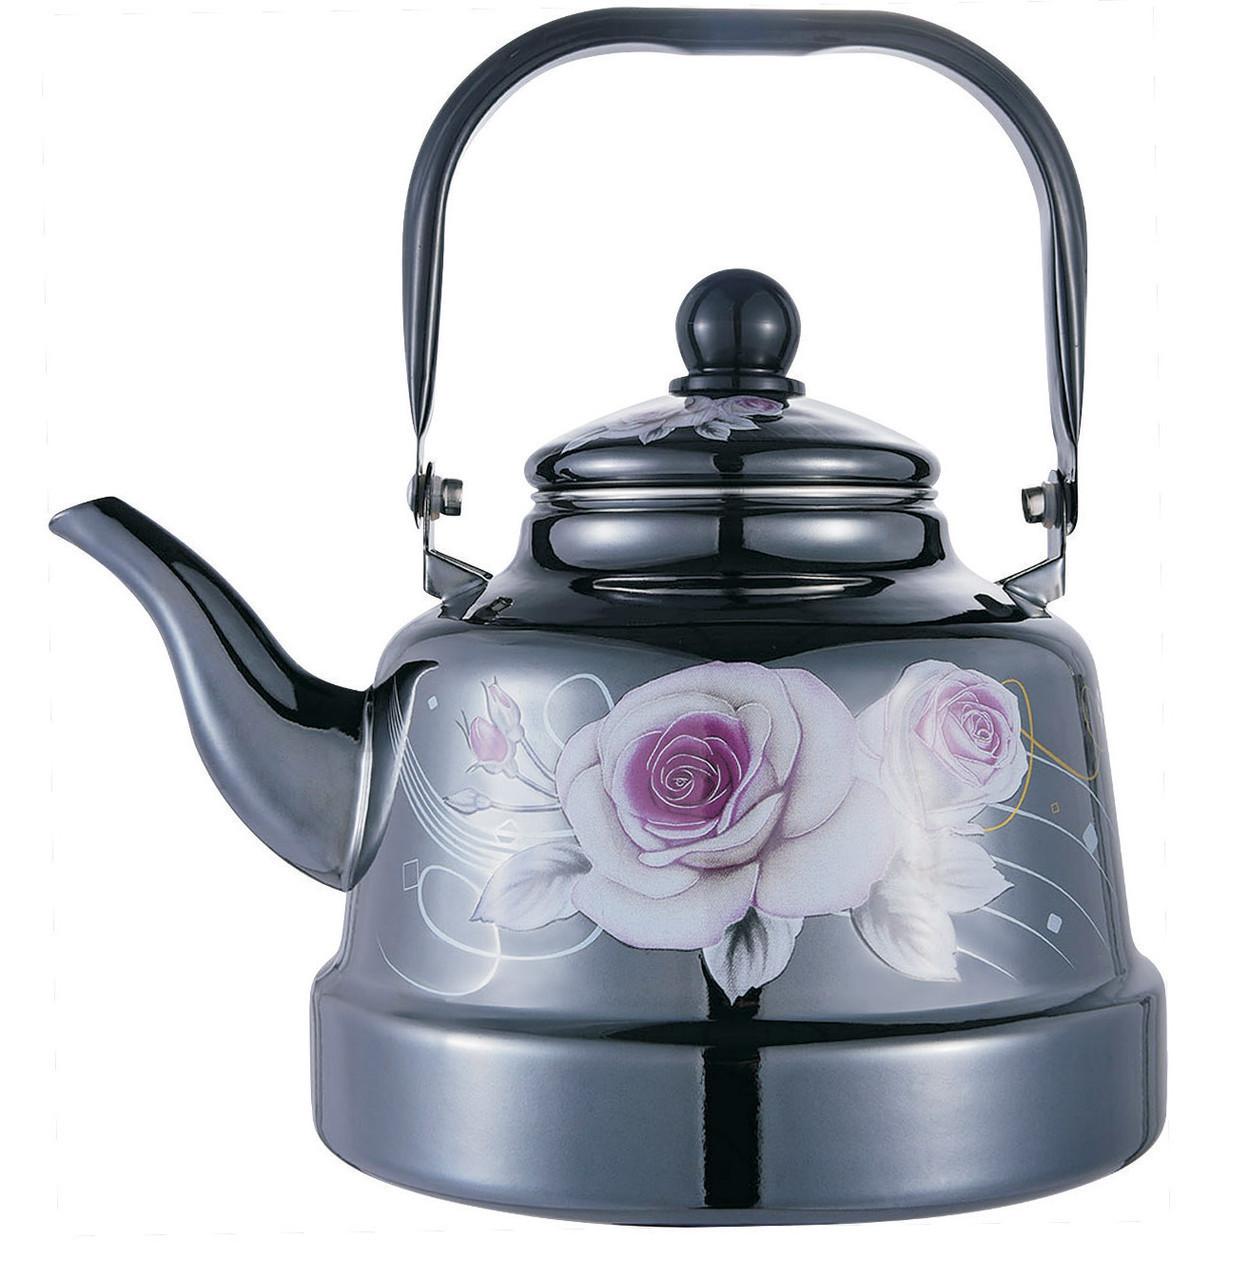 Емальований чайник з рухомою ручкою Benson BN-106 чорний з малюнком (2.5 л)